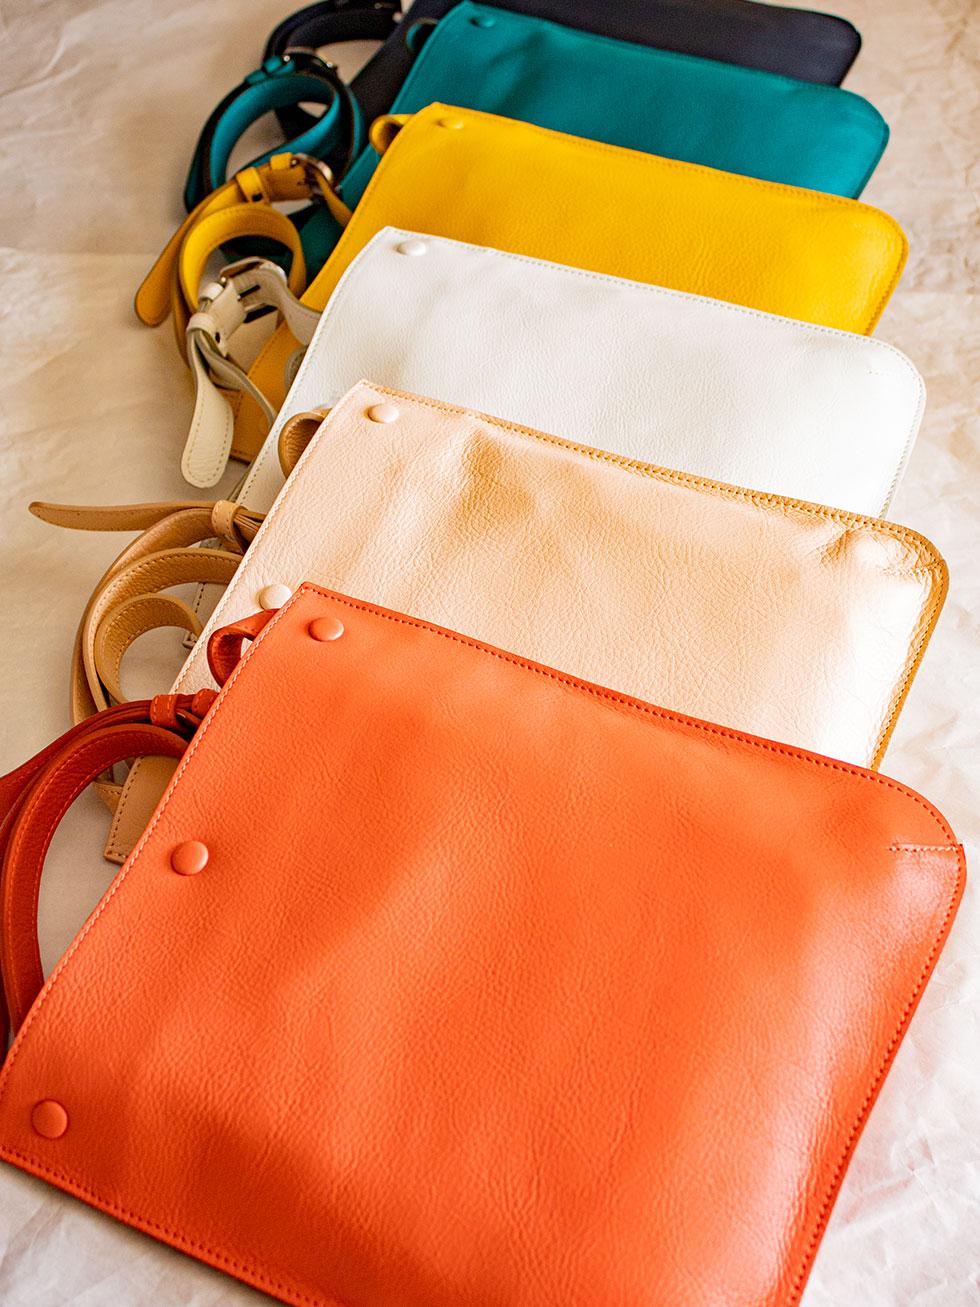 旅行や散歩、カフェ巡り、季節や好みに合わせて持てるカラフルなショルダーバッグ